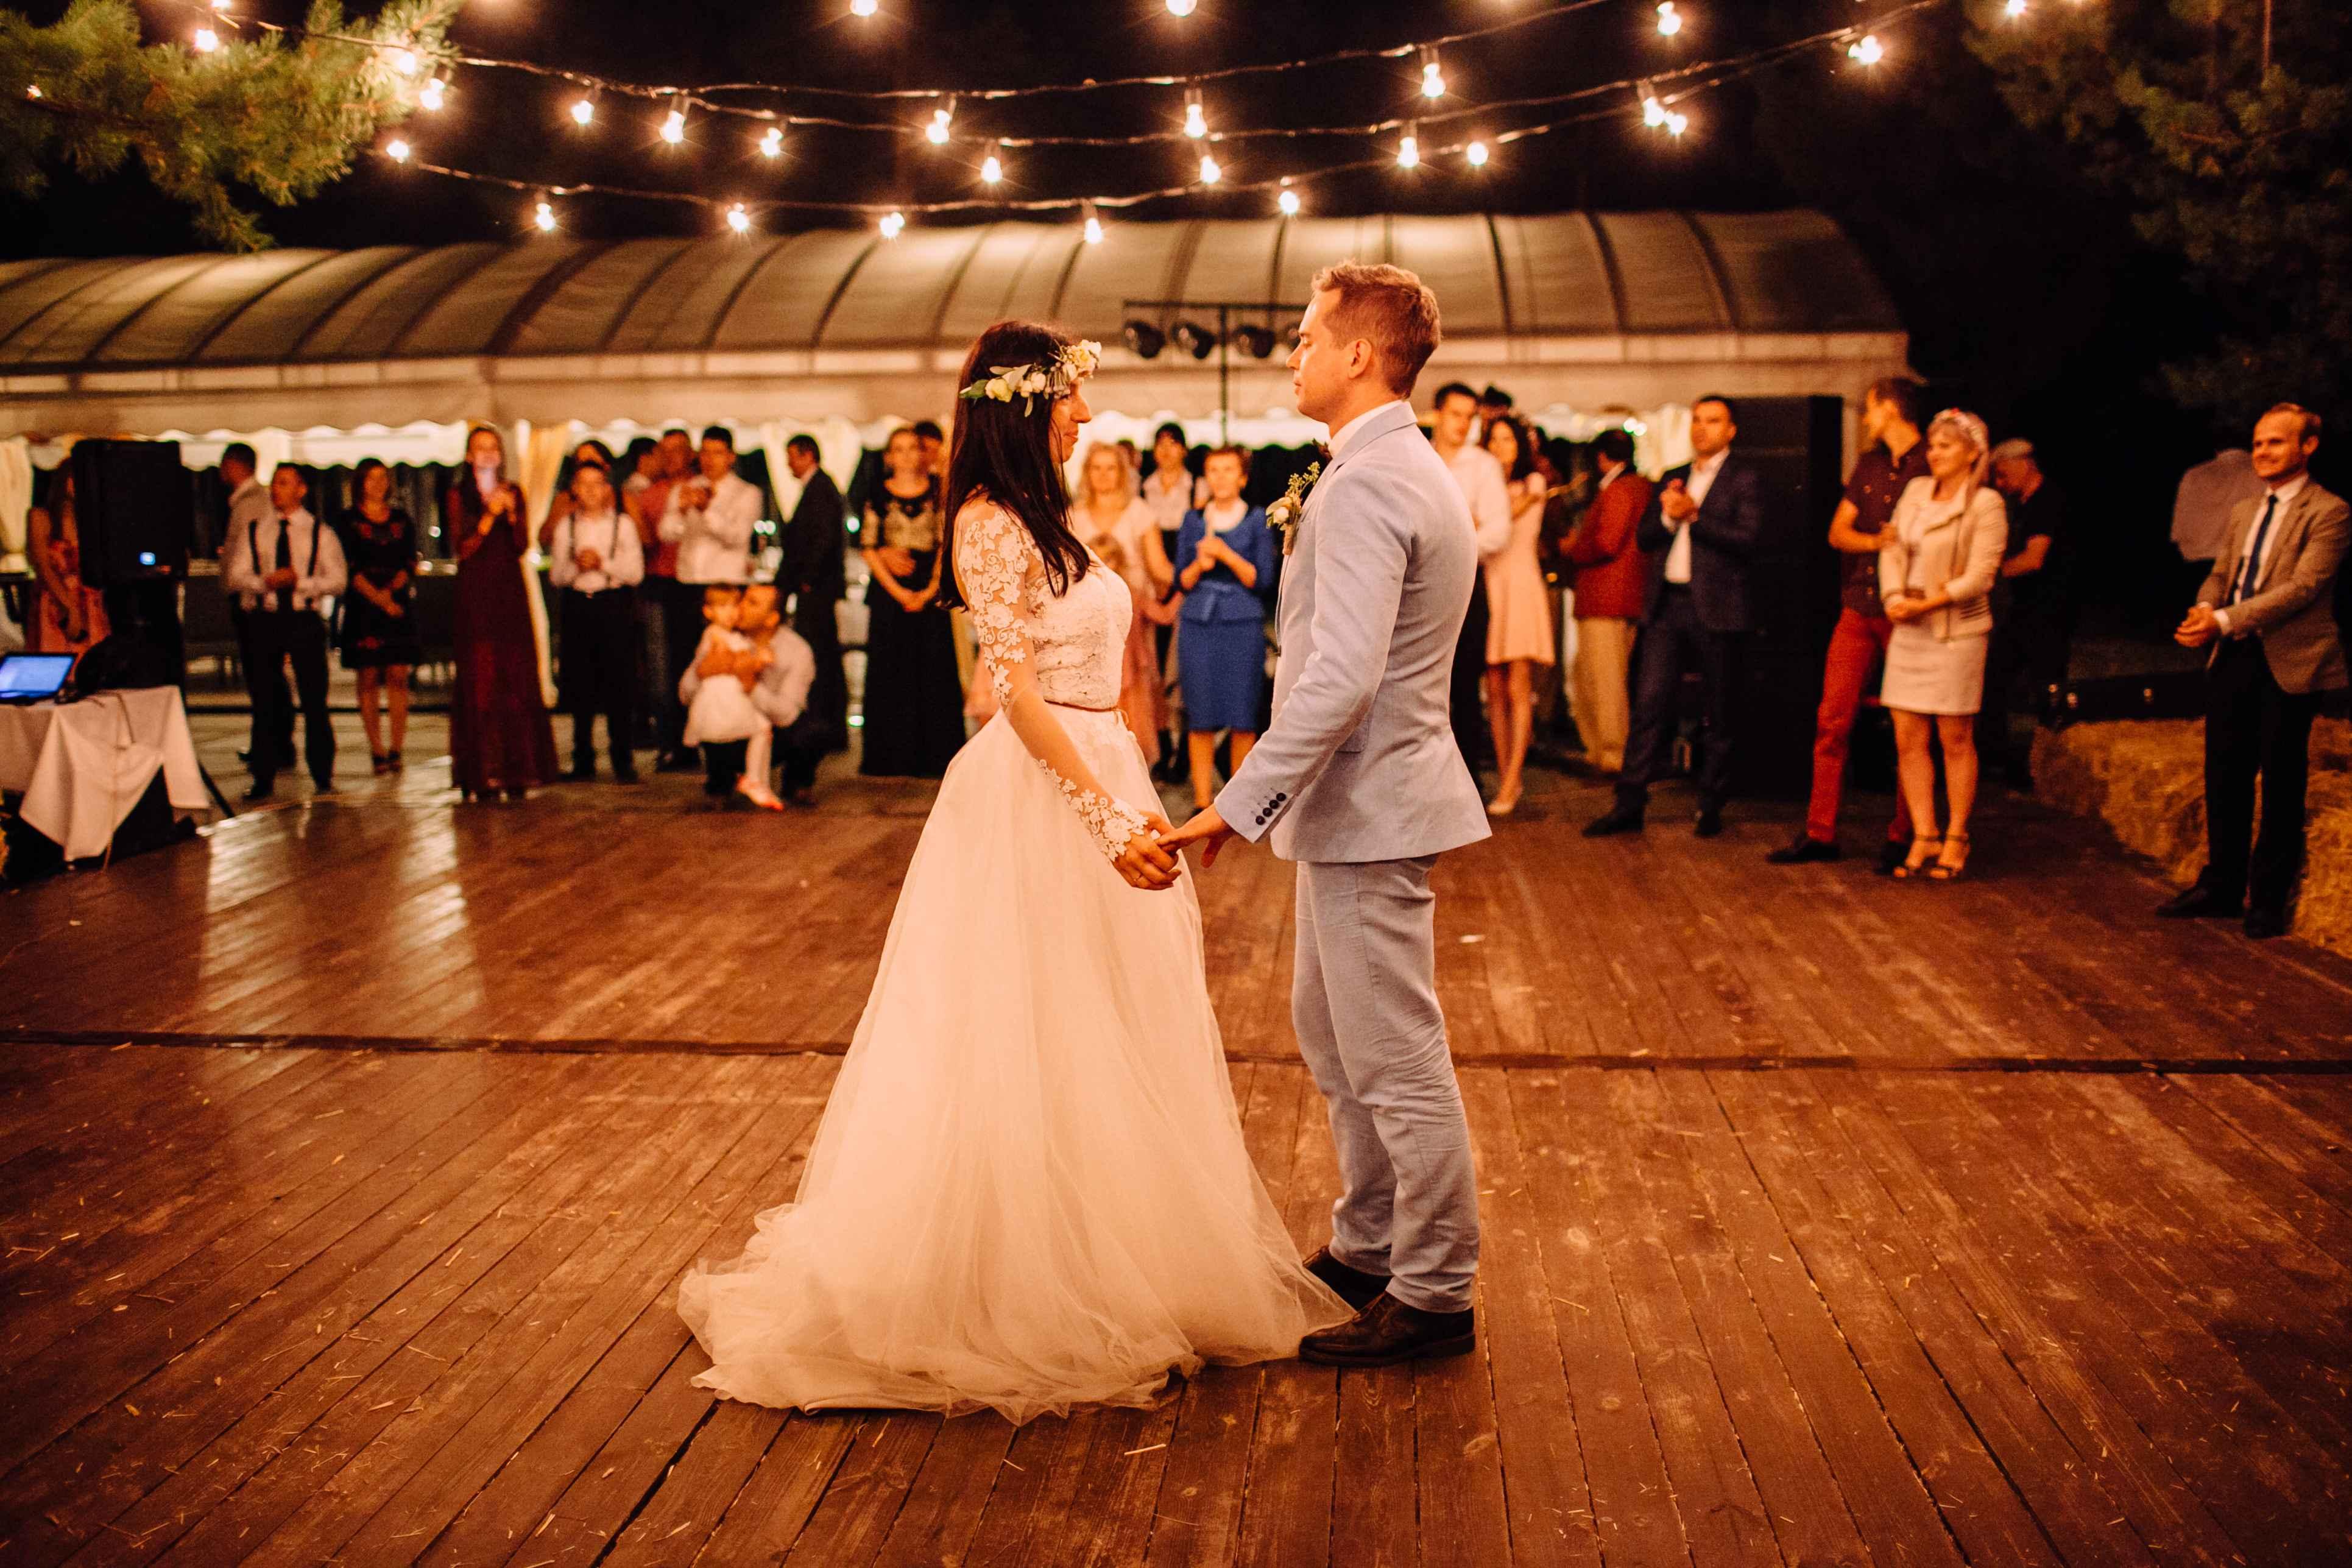 атмосферная свадьба лампочки шатер